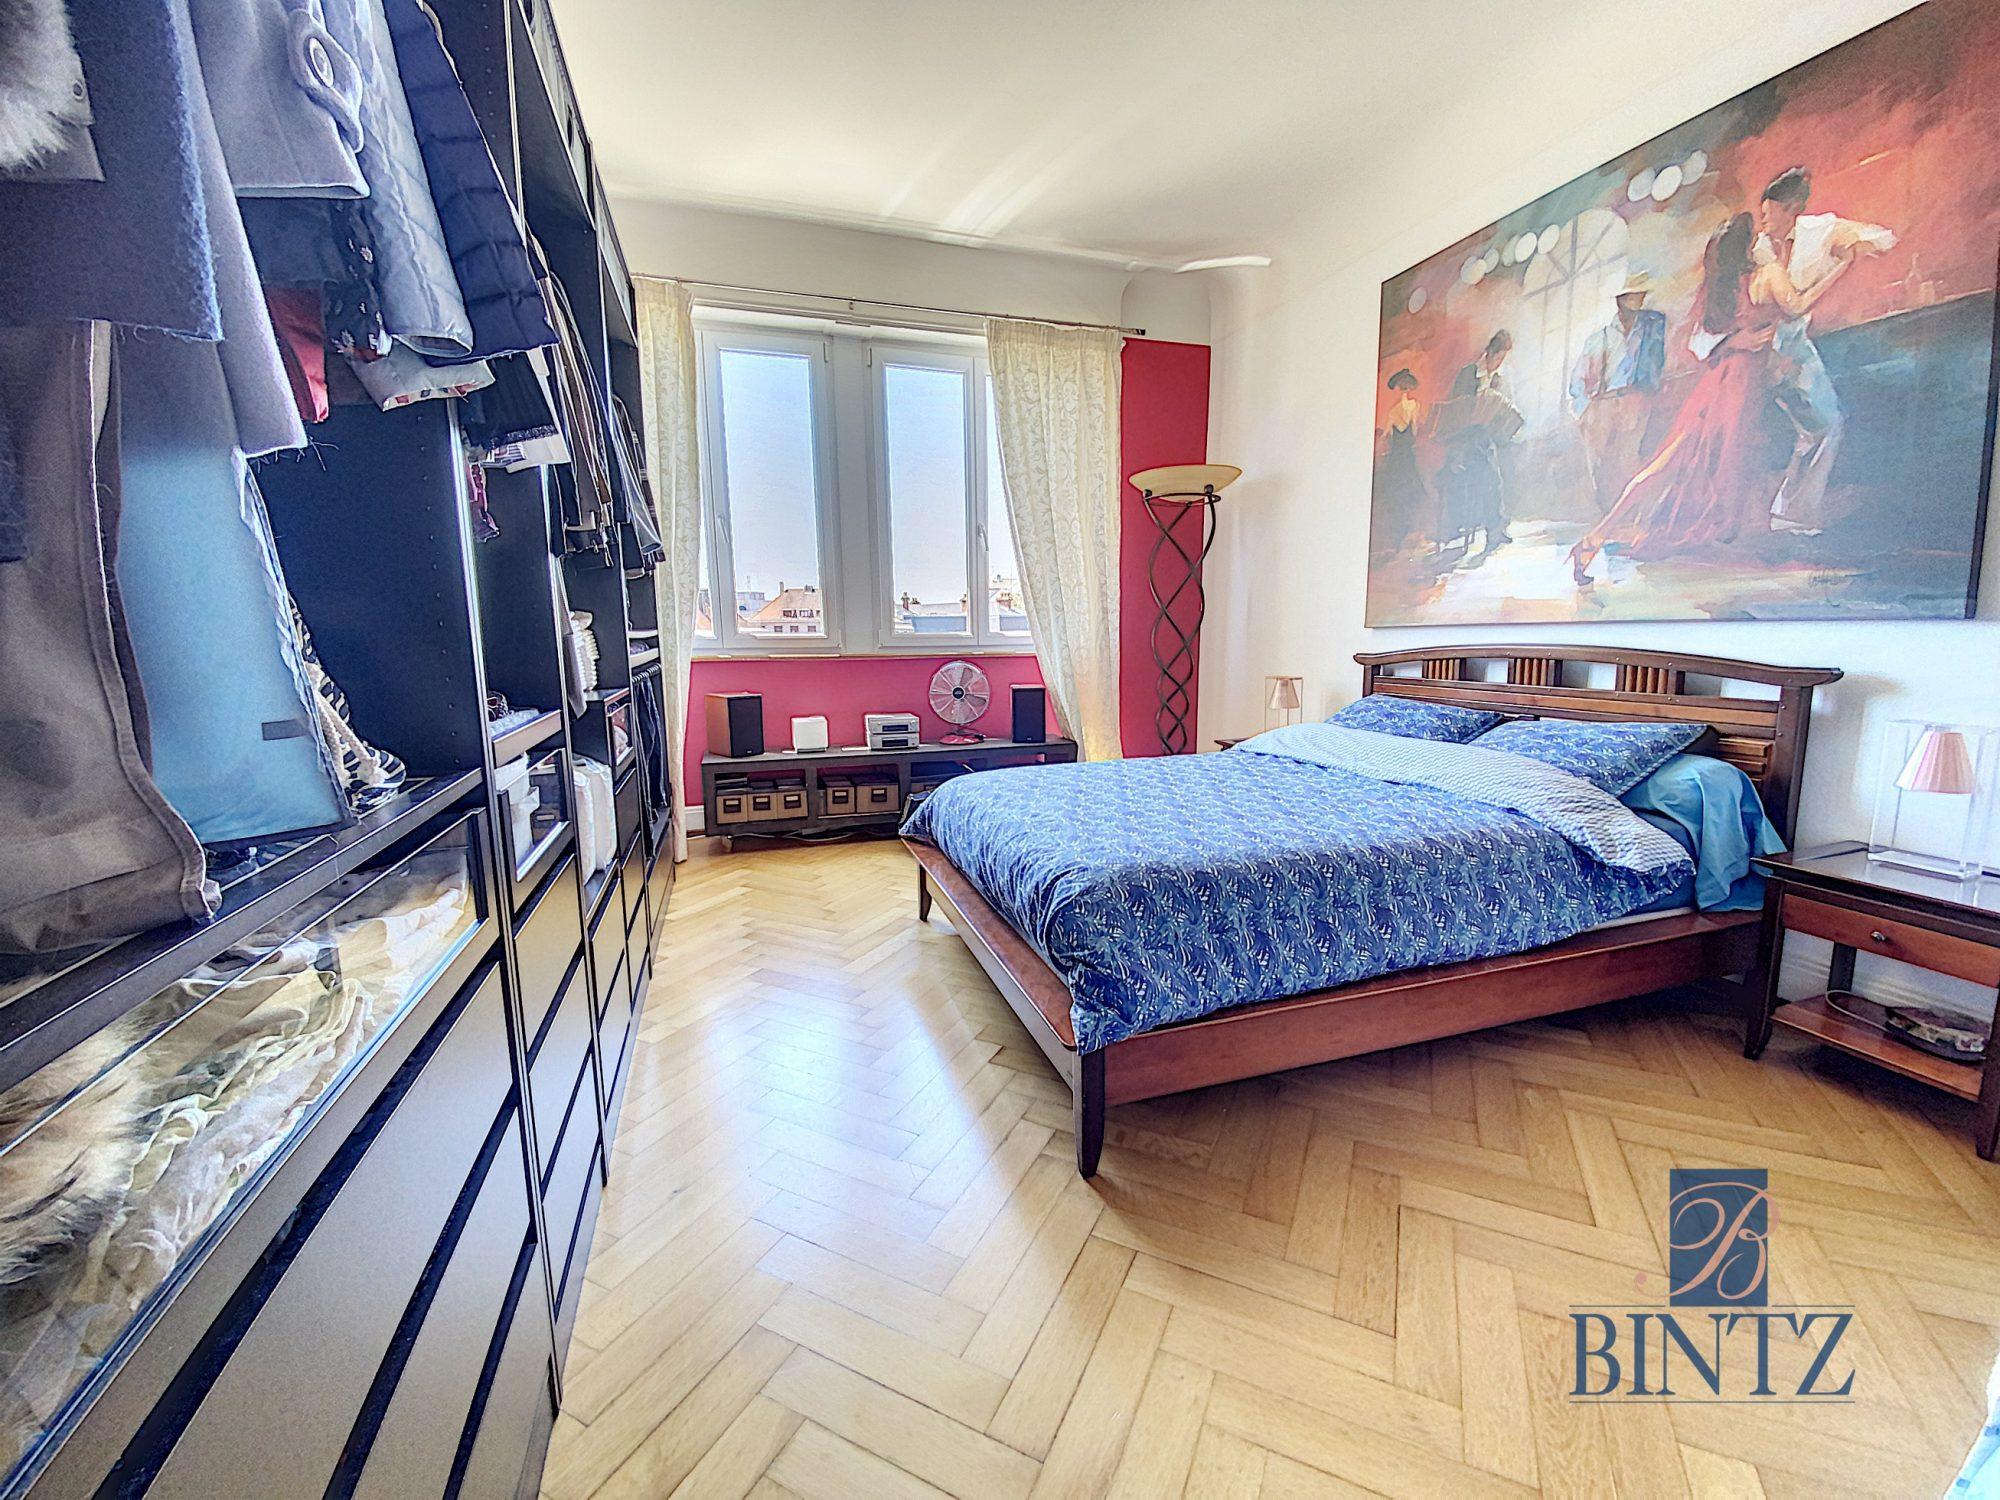 5 PIÈCES QUARTIER DES HALLES - Devenez propriétaire en toute confiance - Bintz Immobilier - 15